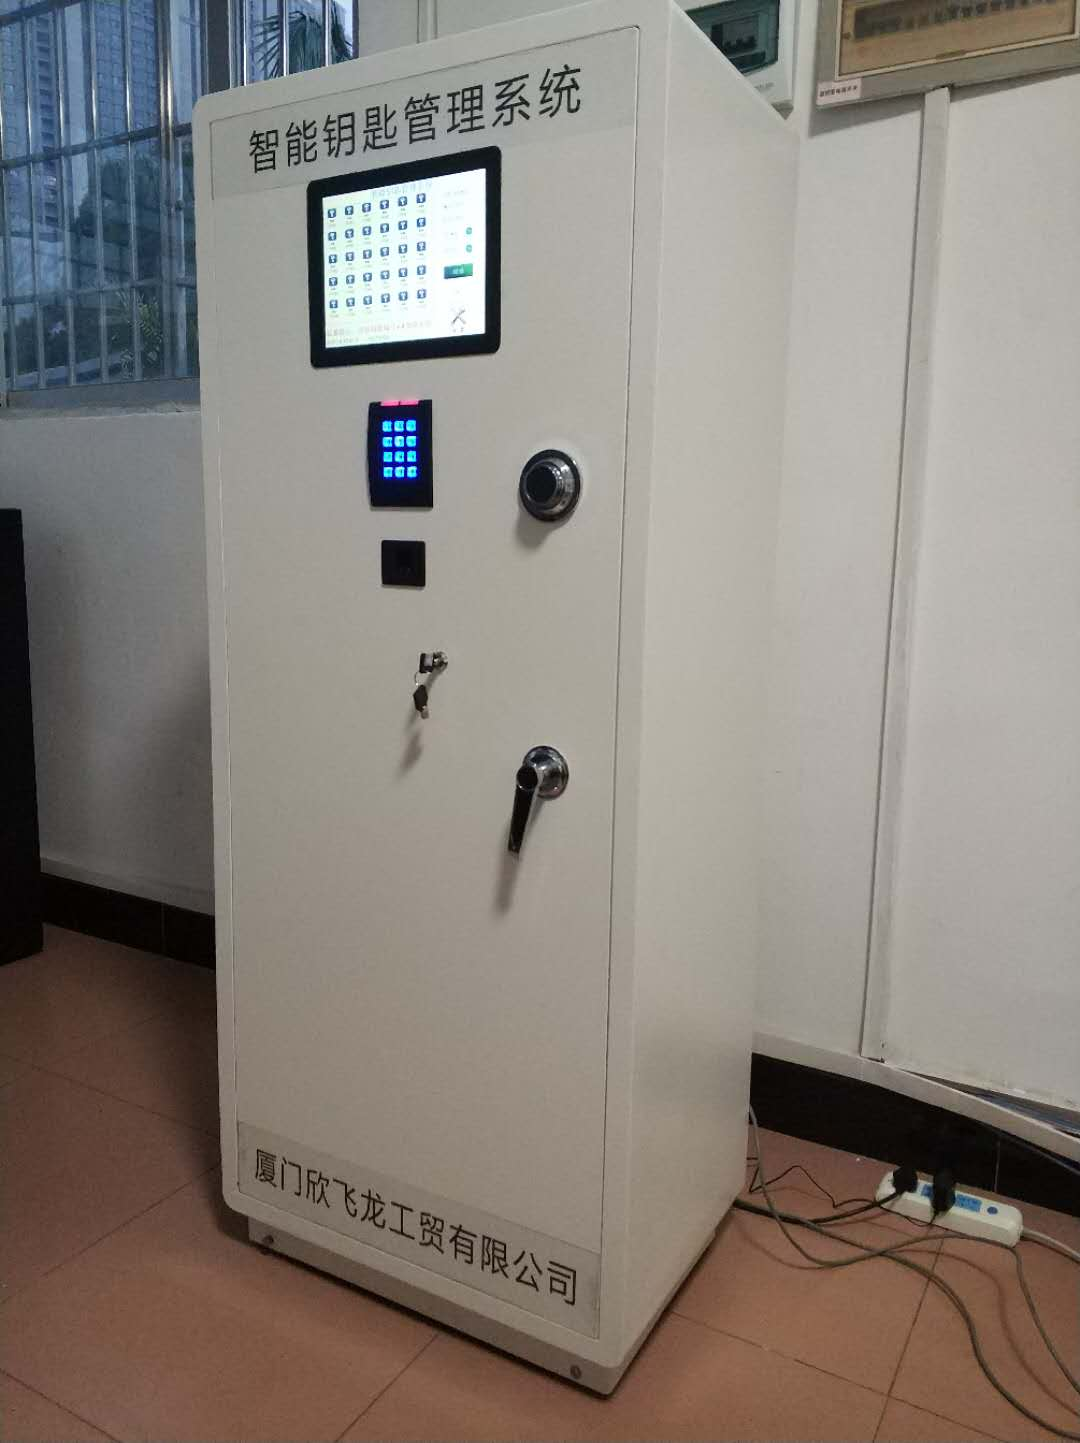 图片名称:智能锁匙柜